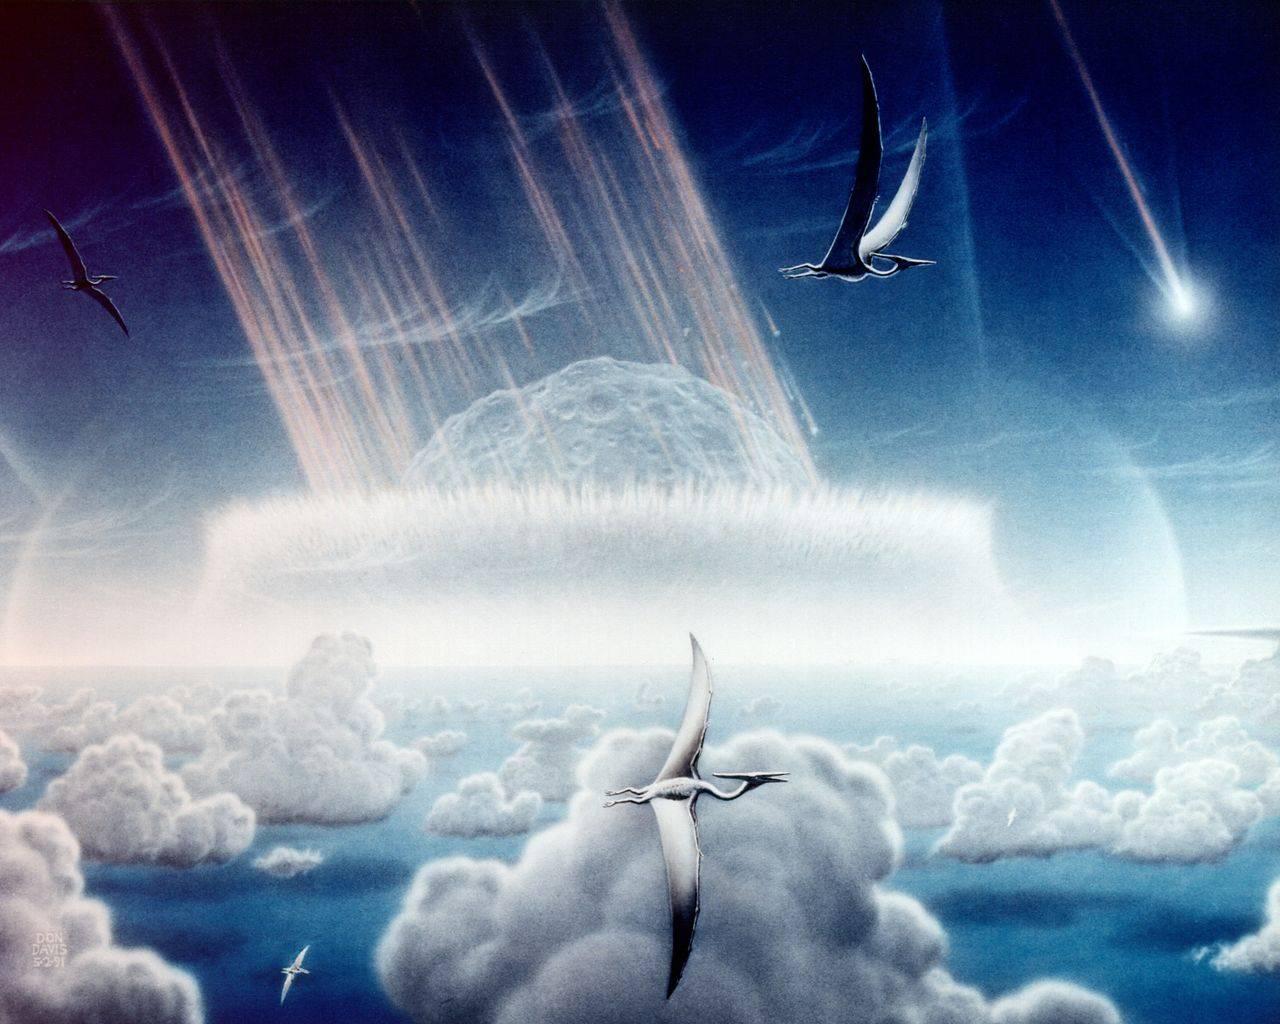 공룡의 멸종과 학제간 연구의 중요성